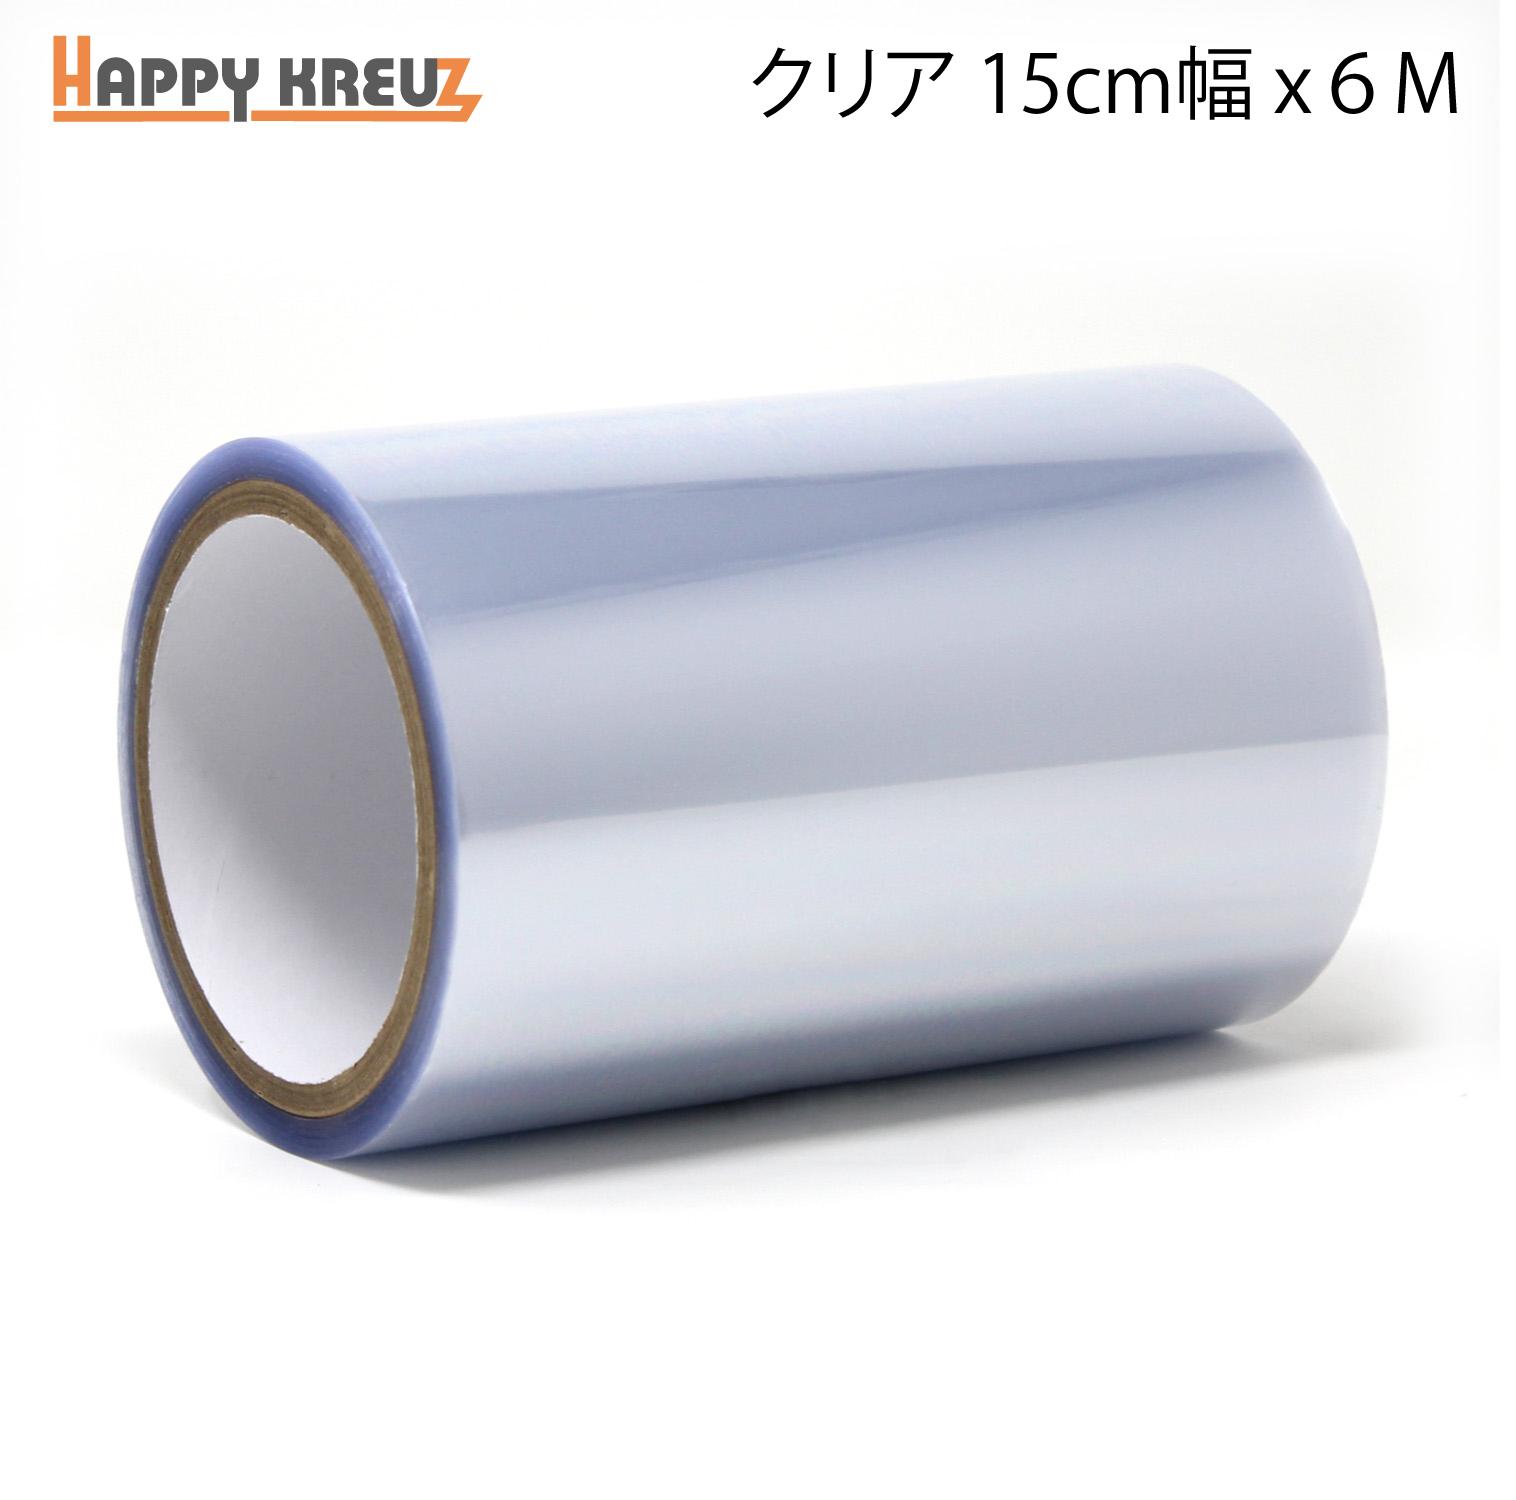 お車の傷防止に、しっかりと貼れてキレイにはがせる、黄ばみ劣化の少ない透明保護テープ。屋外(外装)はもちろん内装へも。 【しっかり粘着、キレイにはがせる 透明 保護テープ】 ( 15cm×6m) クリア(透明) ペイント プロテクションフィルム PPF 【ステップ ドア バンパーなどの 車傷保護に!ラインテープタイプのスクラッチガード】【カーラッピング専門 ハッピークロイツ】